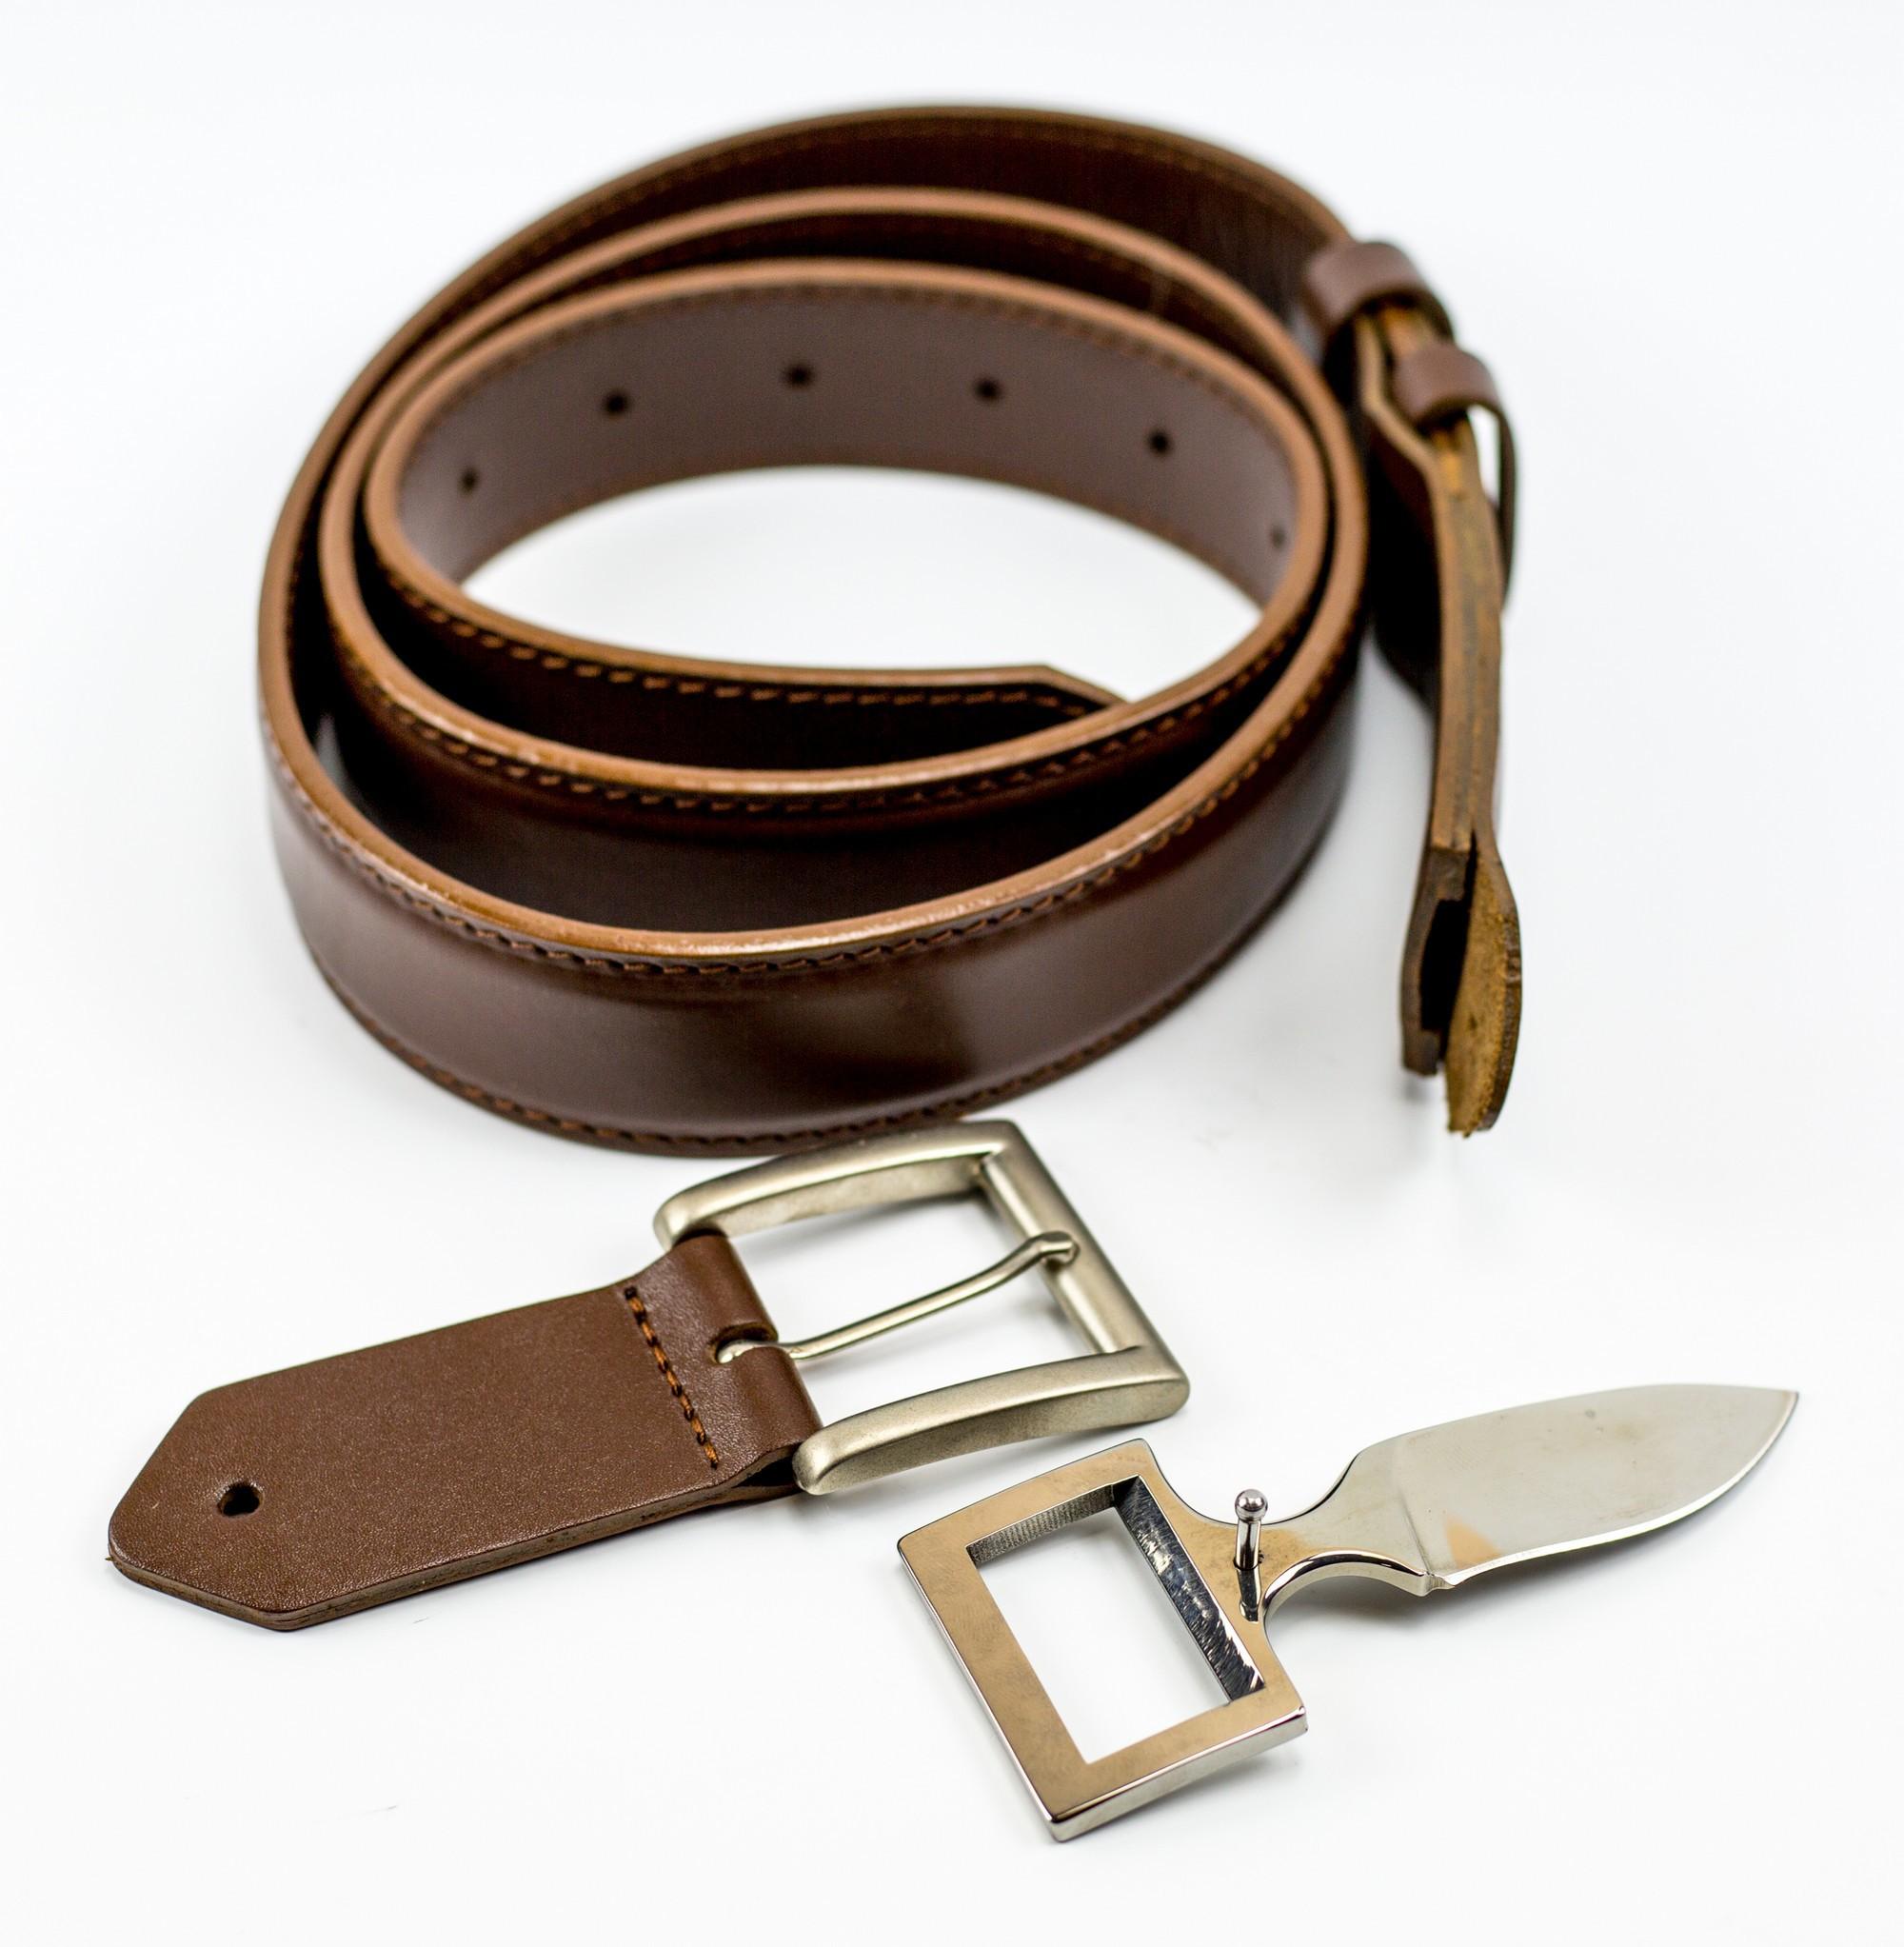 Кожаный нож-ремень Телохранитель, с дополнительной пряжкой турник с регулируемой длиной воркаут